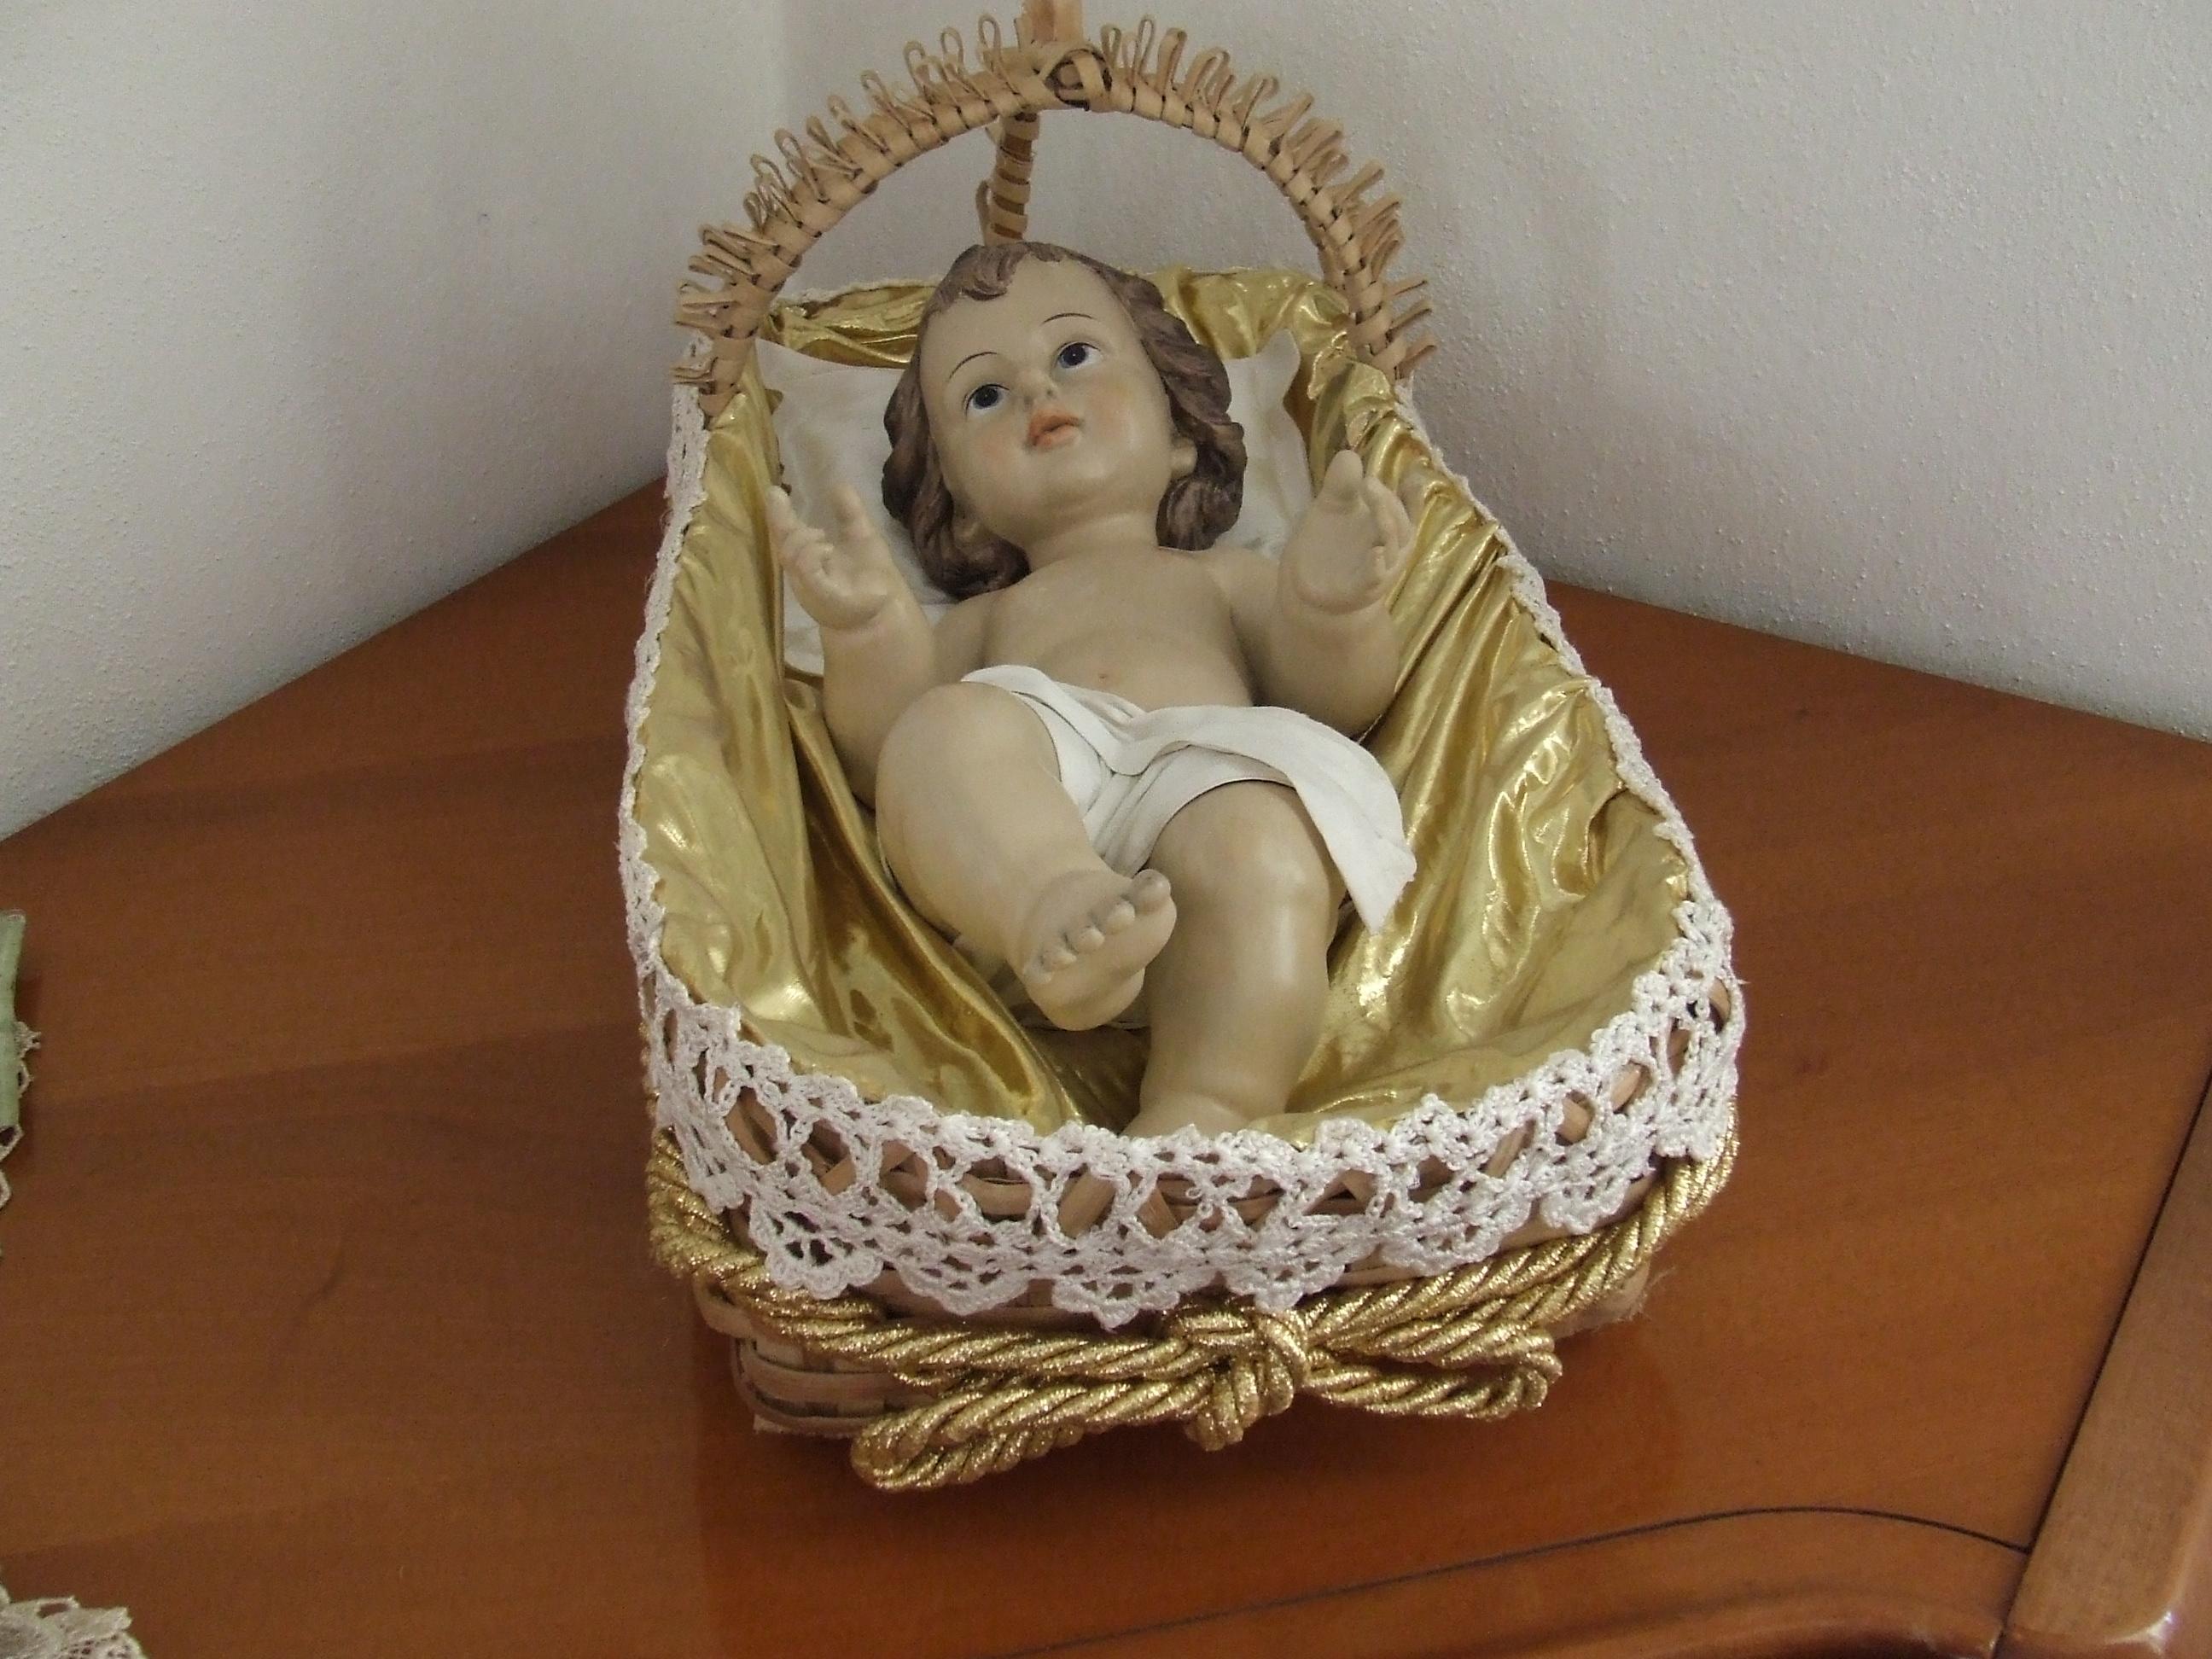 Gesu Bambino Lavoretti Di Natale.Gesu Bambino E Angioletti Lavoretti Di Natale Maestra